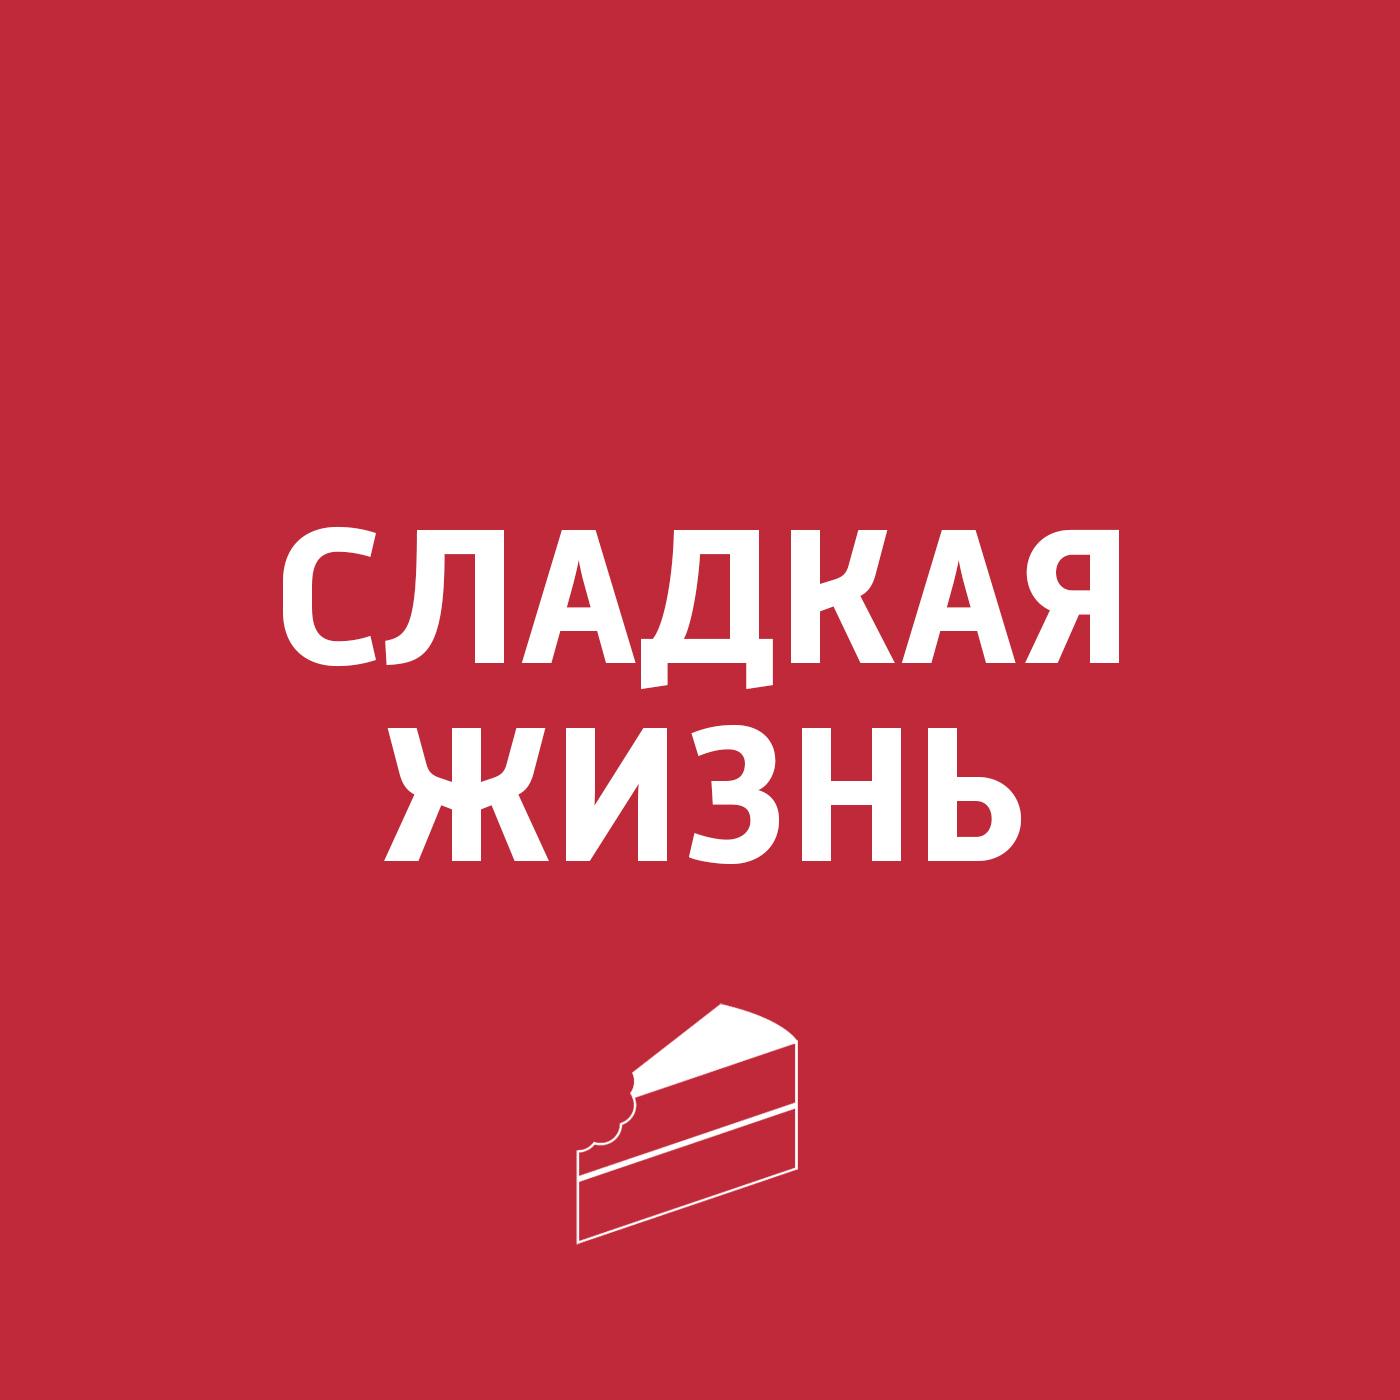 Картаев Павел Сырники картаев павел бискотти